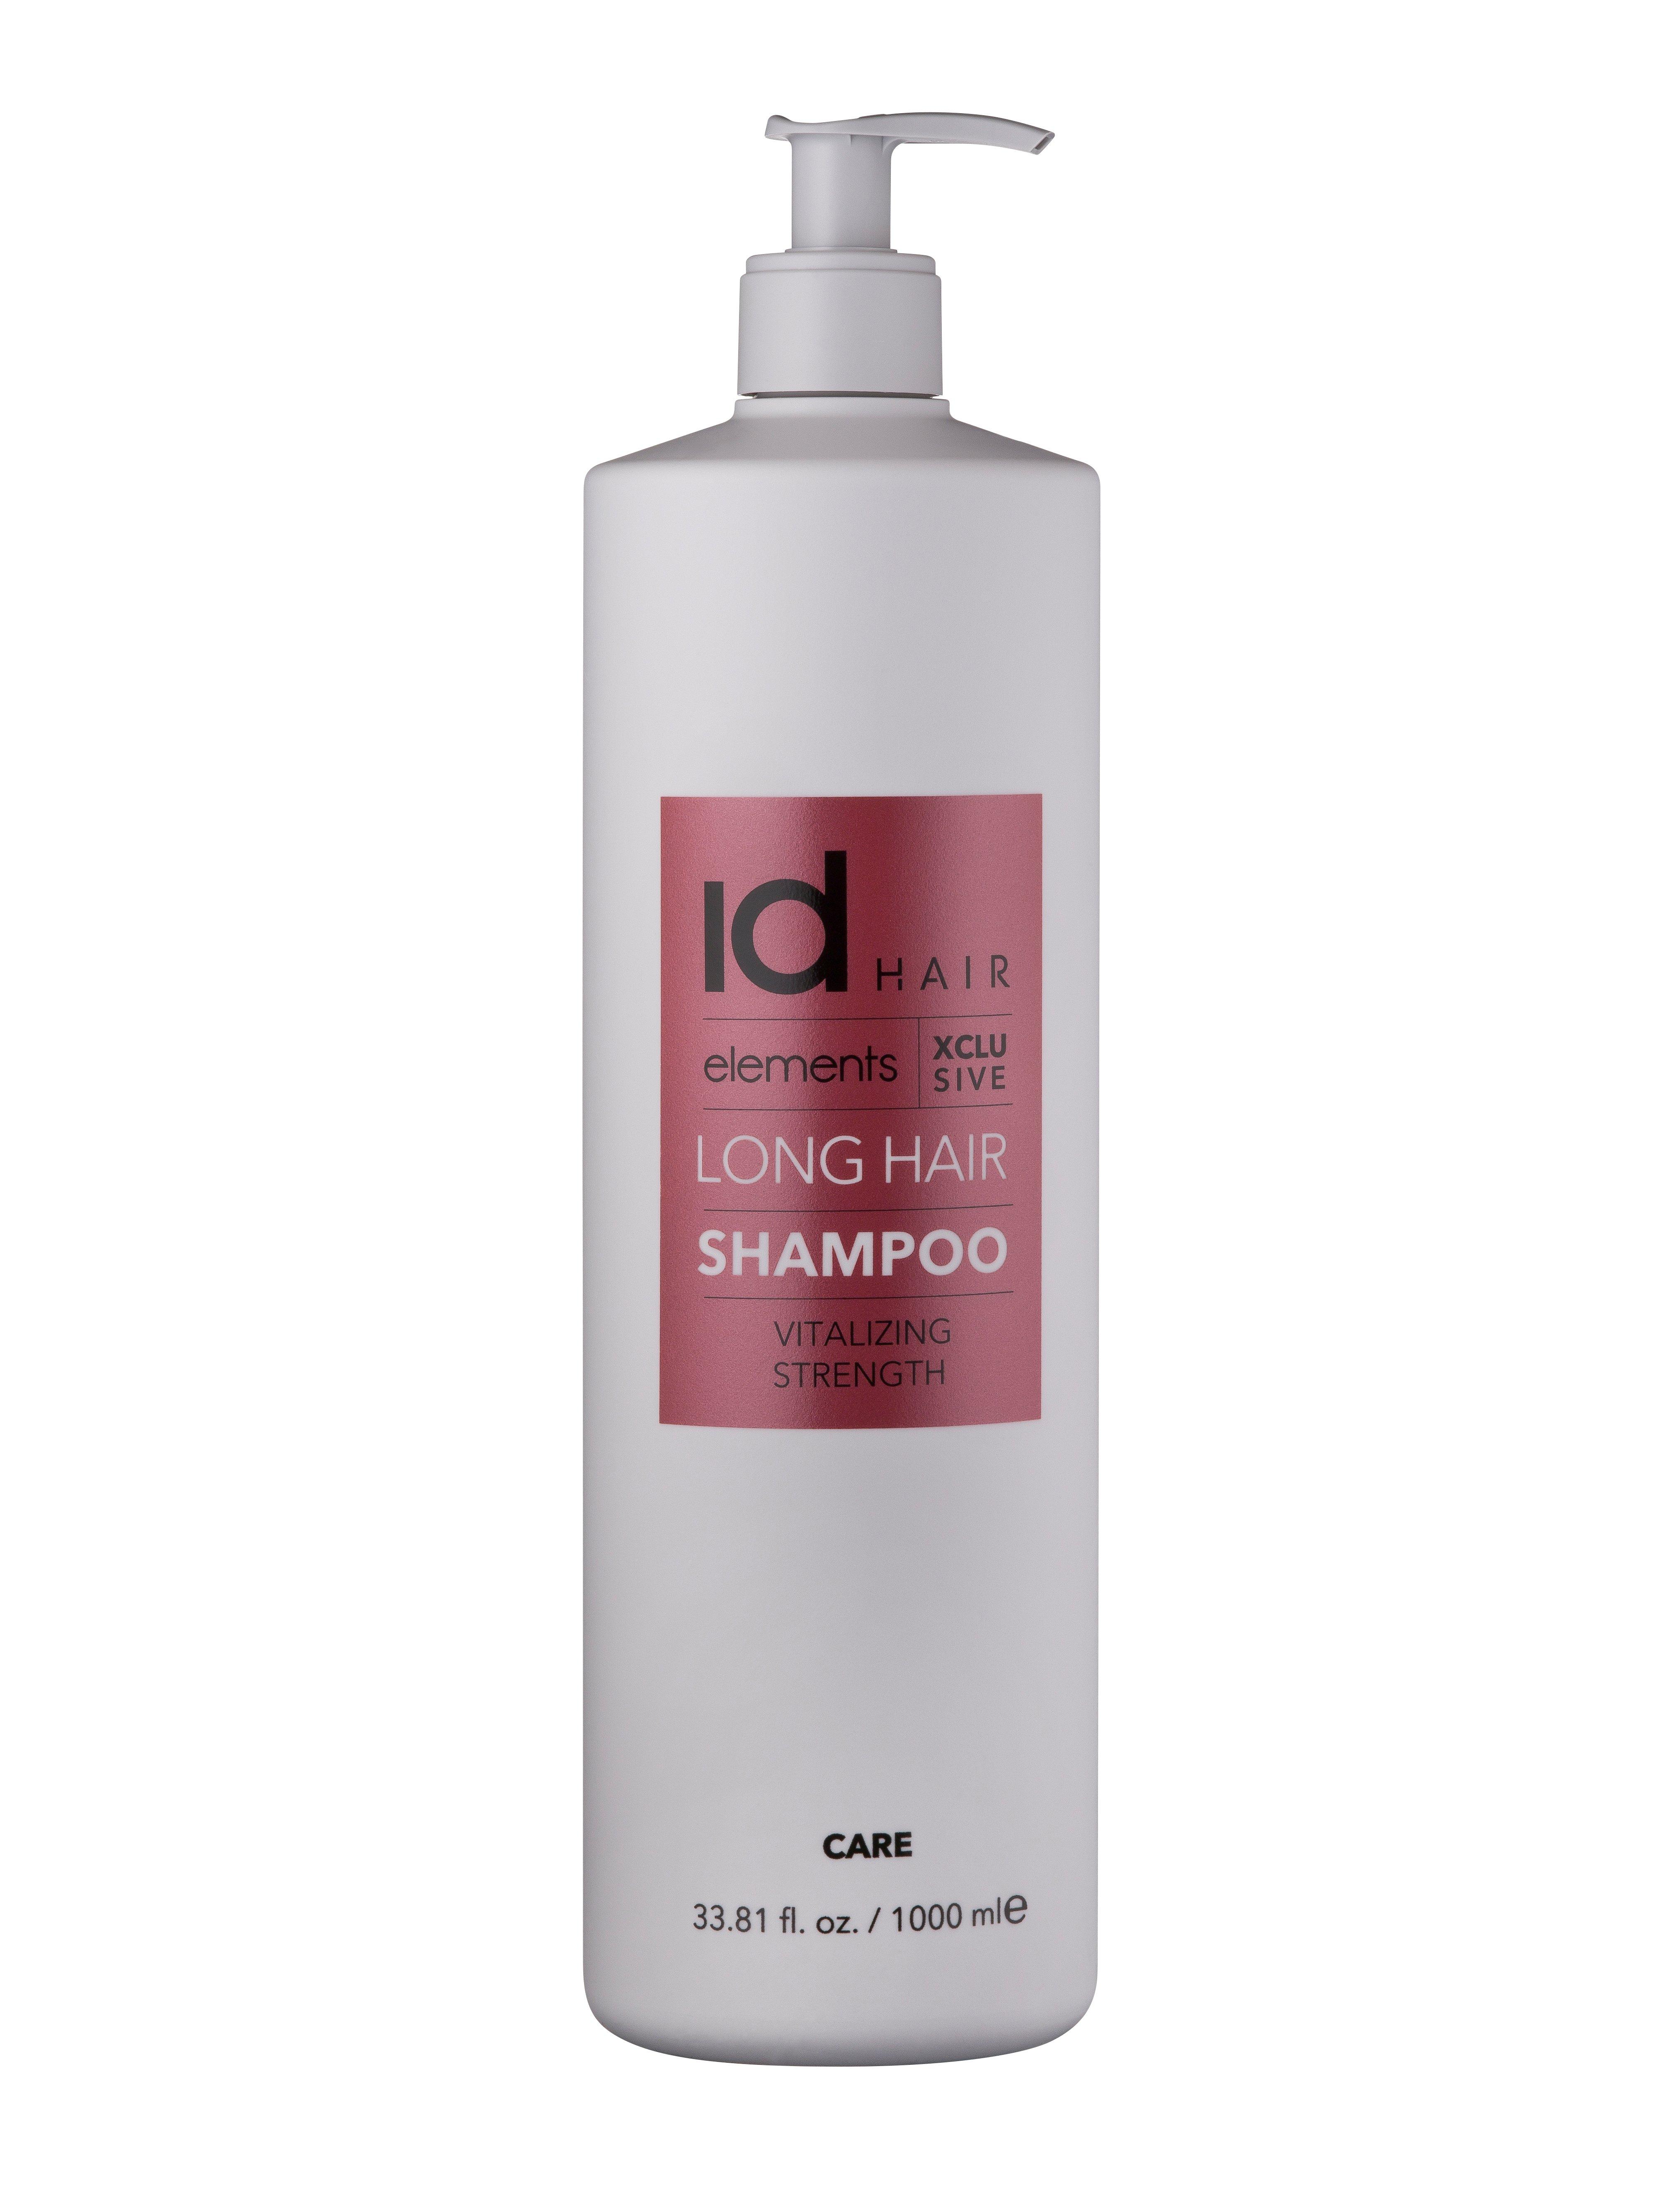 IdHAIR - Elements Xclusive Long Hair Shampoo 1000 ml